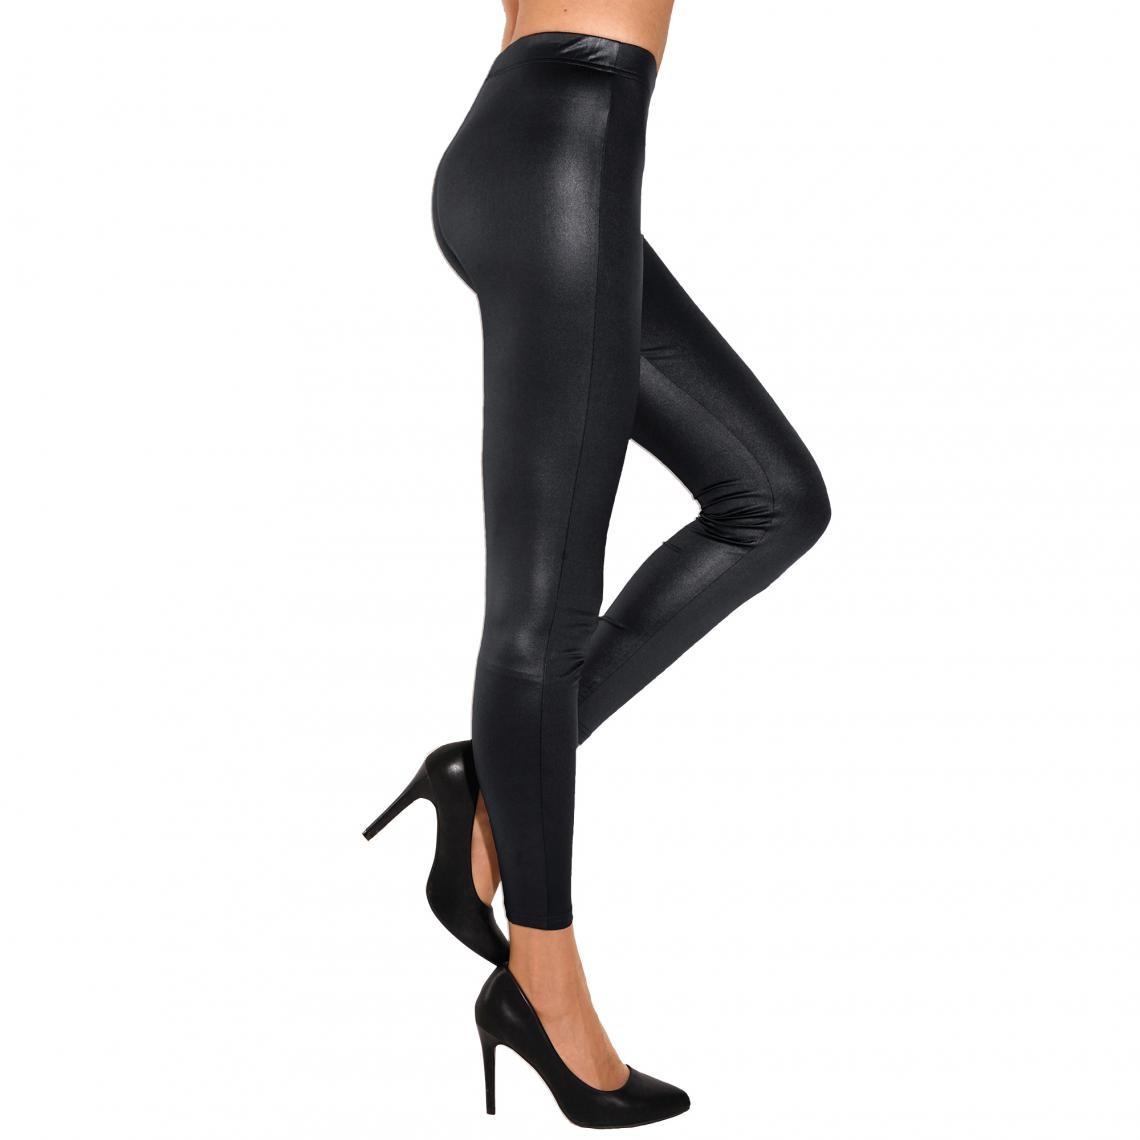 Legging élastique brillant femme Noir Plus de détails